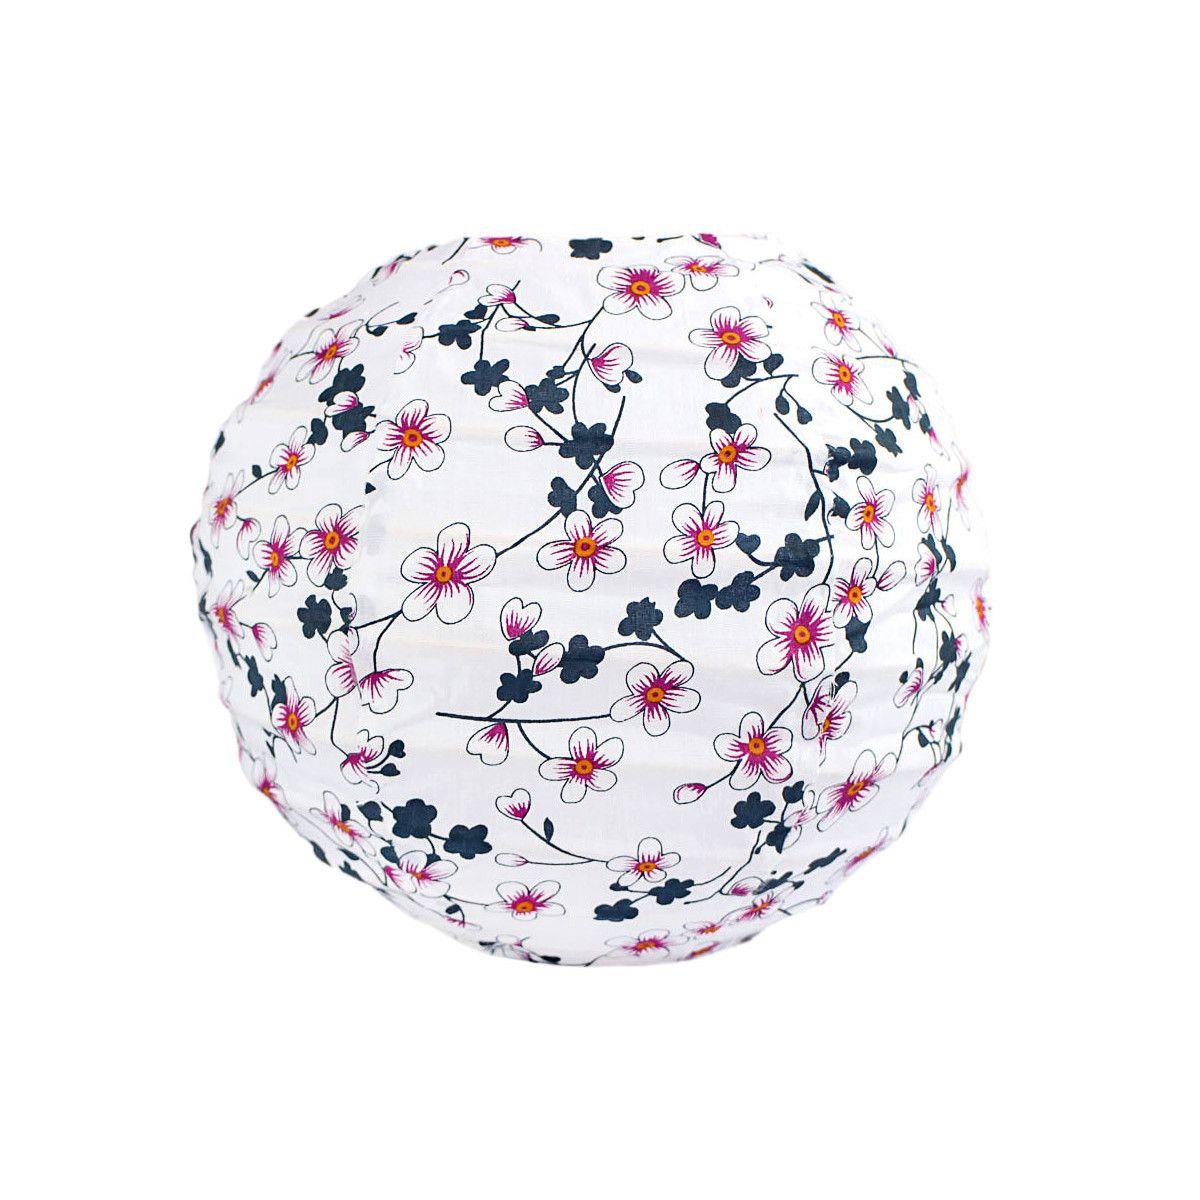 Lampion tissu boule japonaise mini rond blanc et fleurs cerisiers